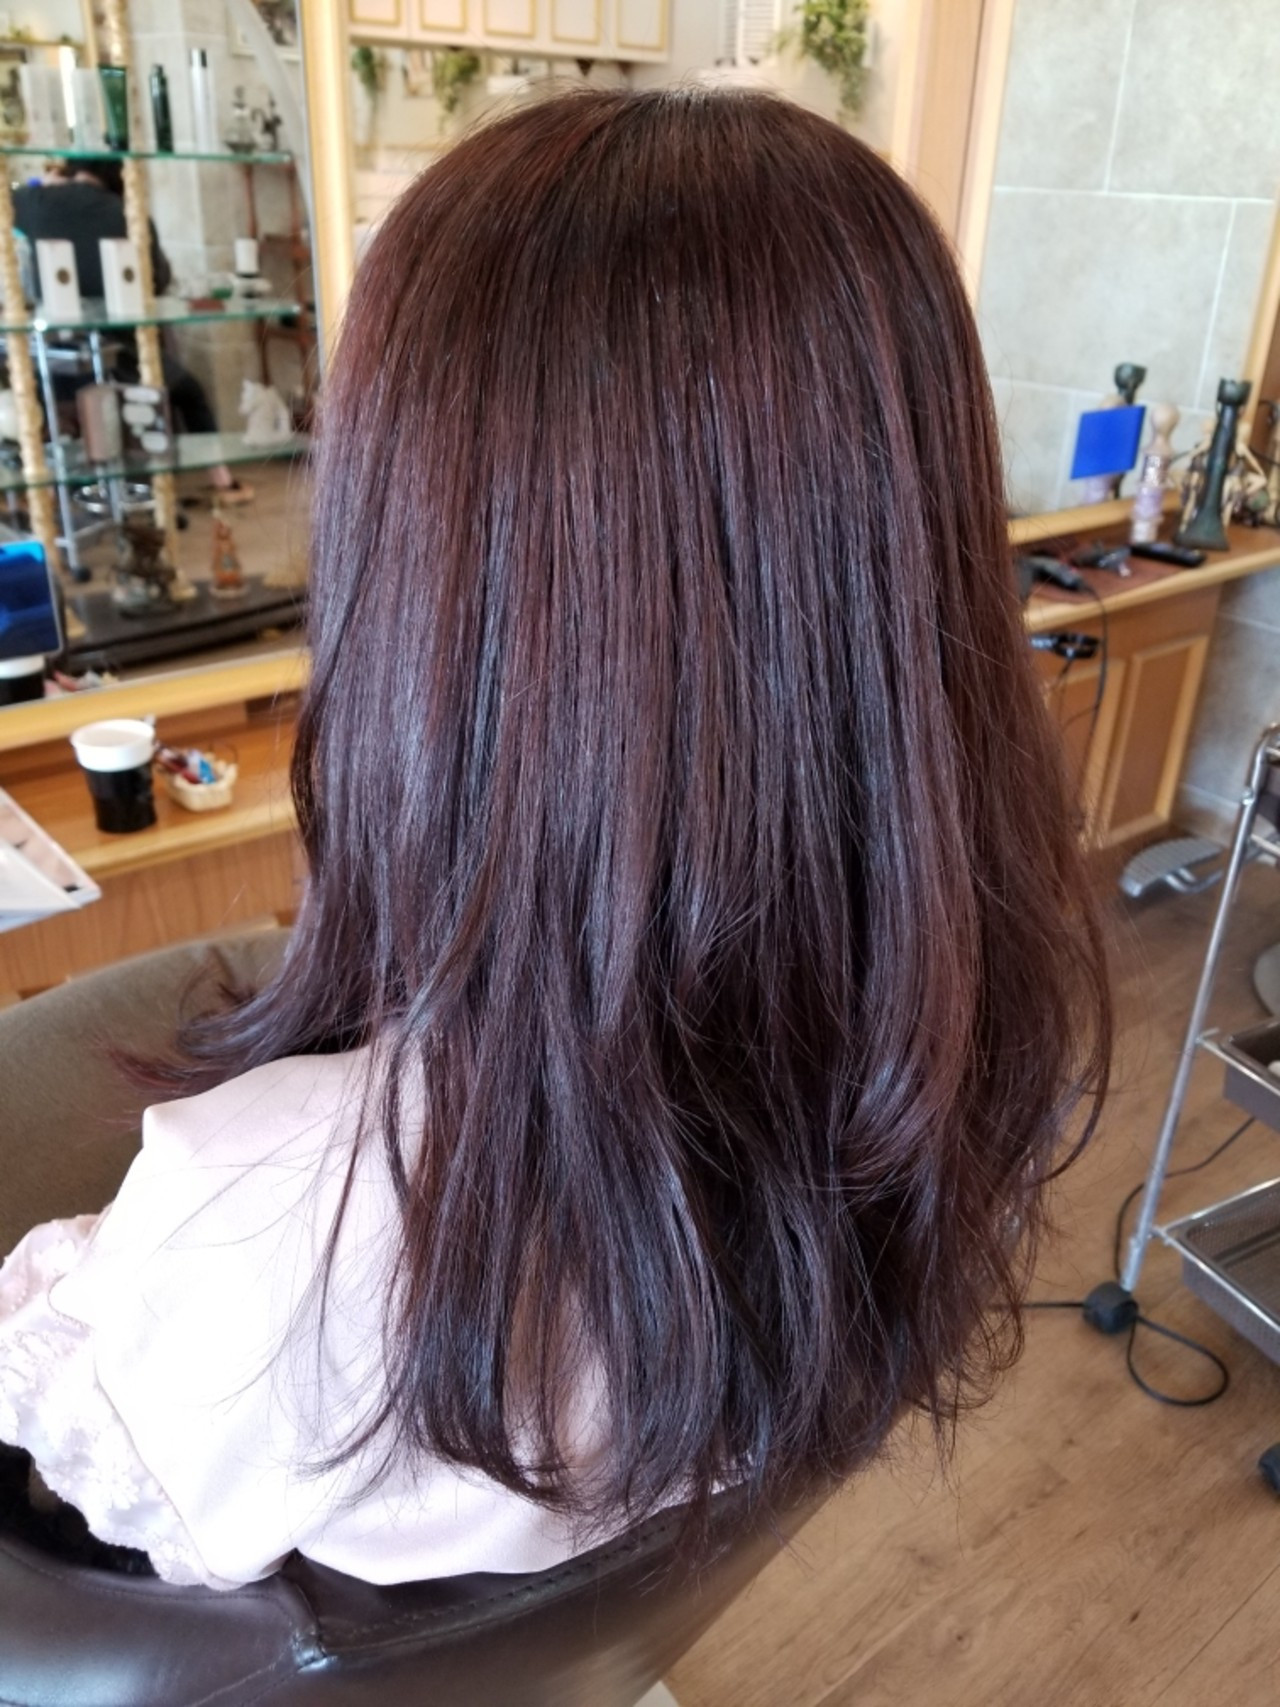 ダブルカラー ピンクブラウン フェミニン ロング ヘアスタイルや髪型の写真・画像